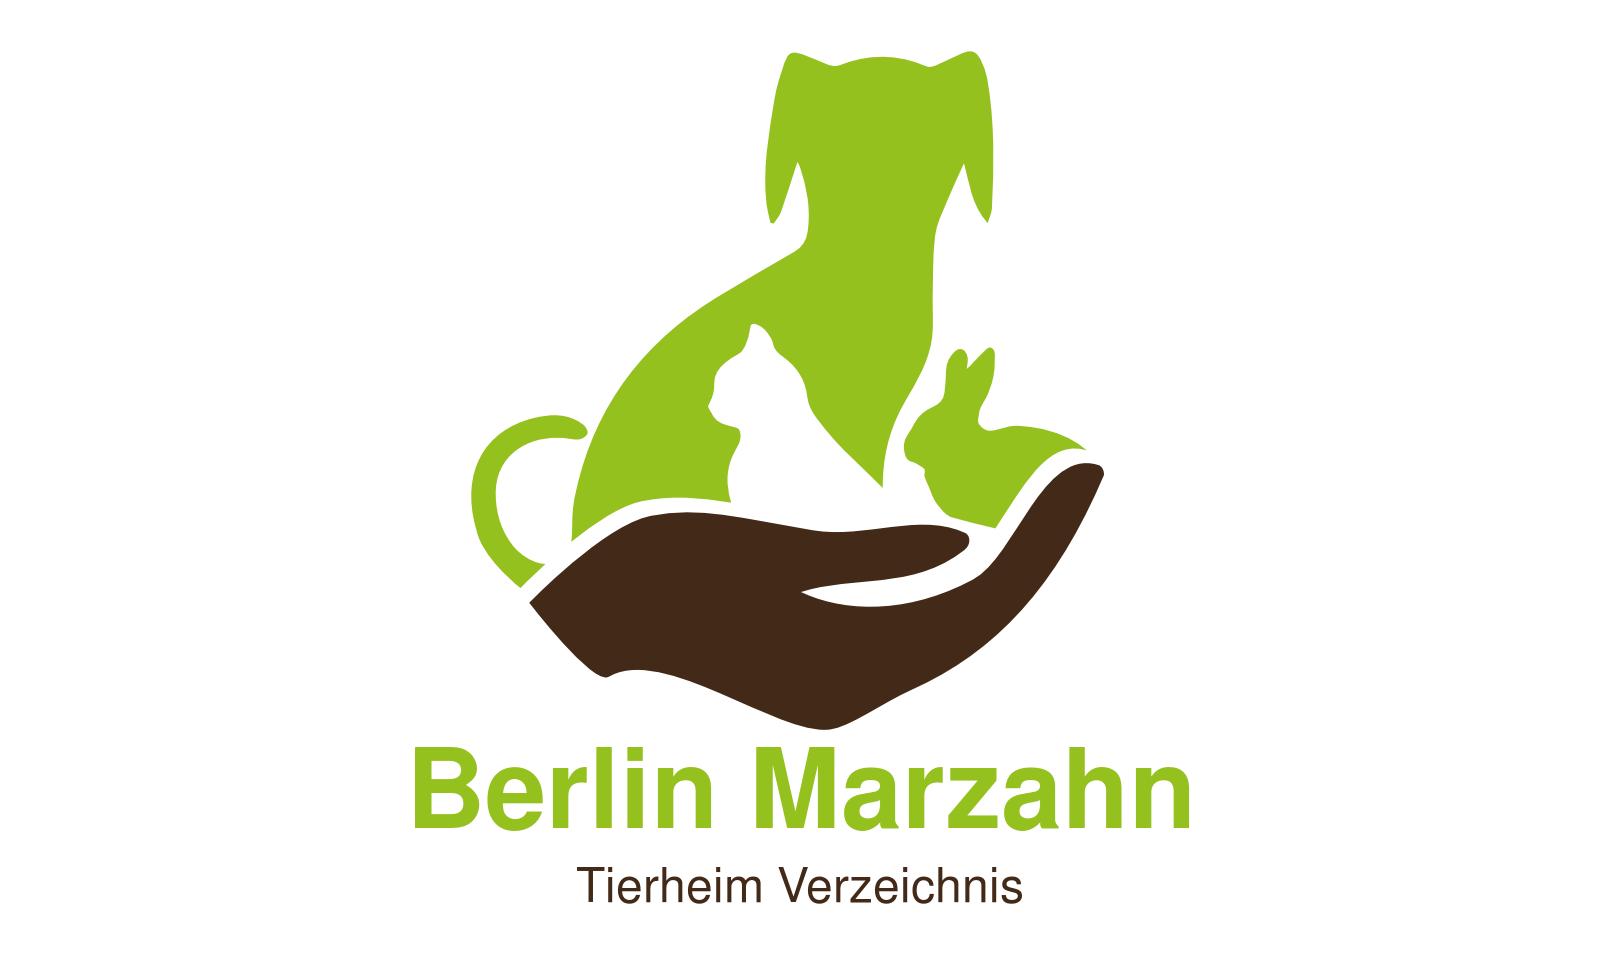 Tierheim Berlin Marzahn